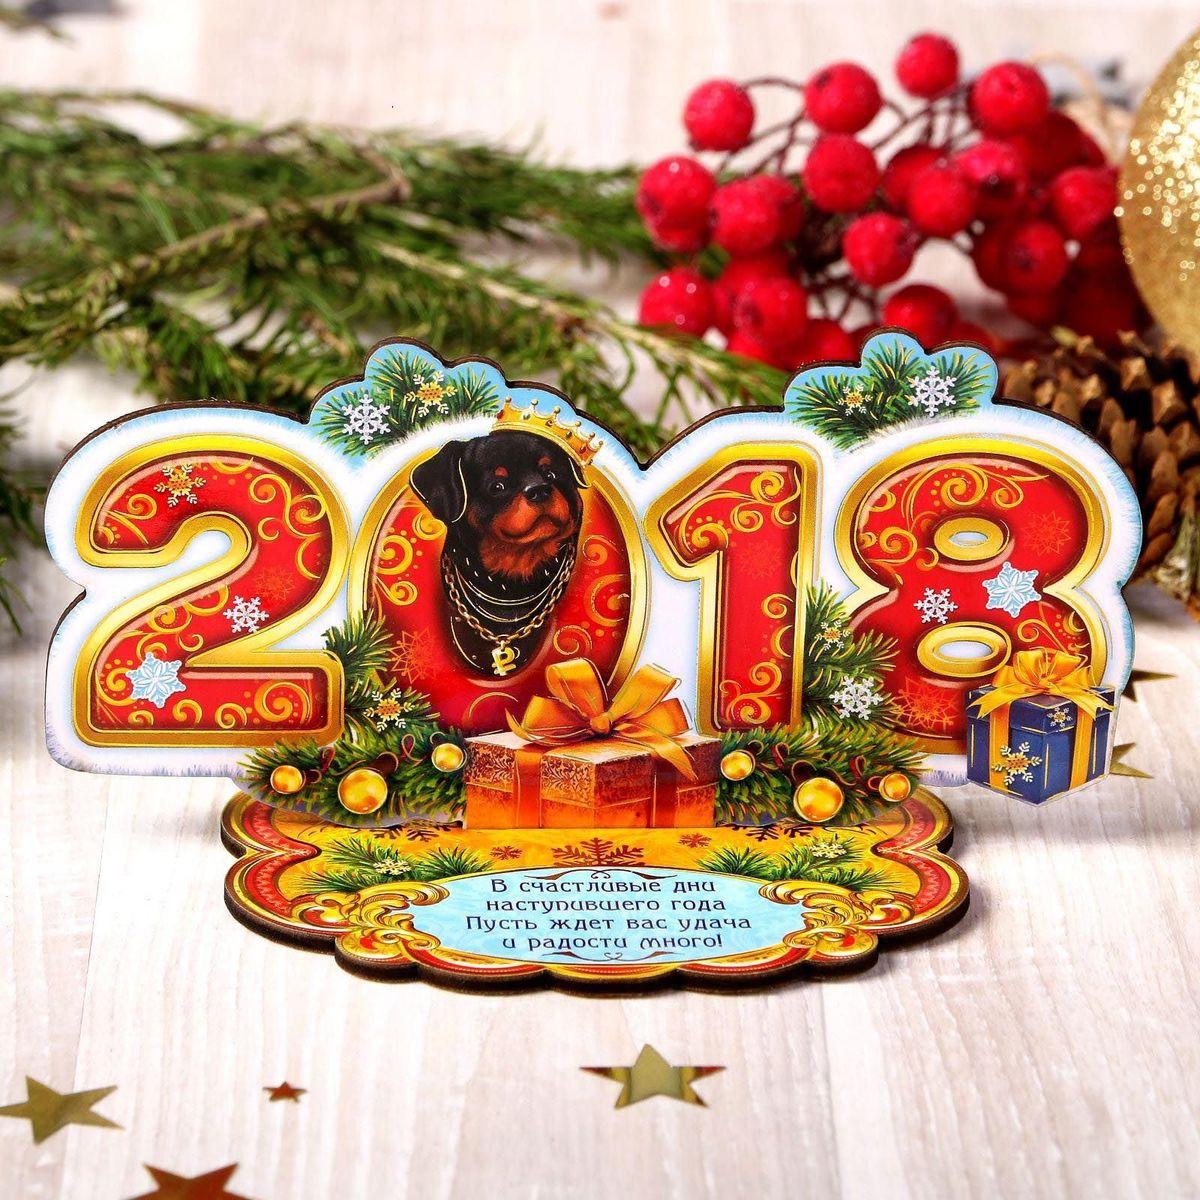 Оберег настольный Sima-land С новым годом 2018, дерево, 14.8 х 7.9 см, цвет: красный2278728Приближаются самые добрые и долгожданные праздники — Новый год и Рождество И каждого из нас ждет оригинальный и полезный подарок. Обереги или талисманы — это чудесные сувениры, способные привлечь счастье, успех и достаток, стоит лишь расположить их на рабочем столе дома или в офисе! Или носить с собой в качестве оберега. Такие подарки прекрасно впишутся в любой интерьер и станут отличным атрибутом праздника, а также станут отличным оберегом своего хозяина.